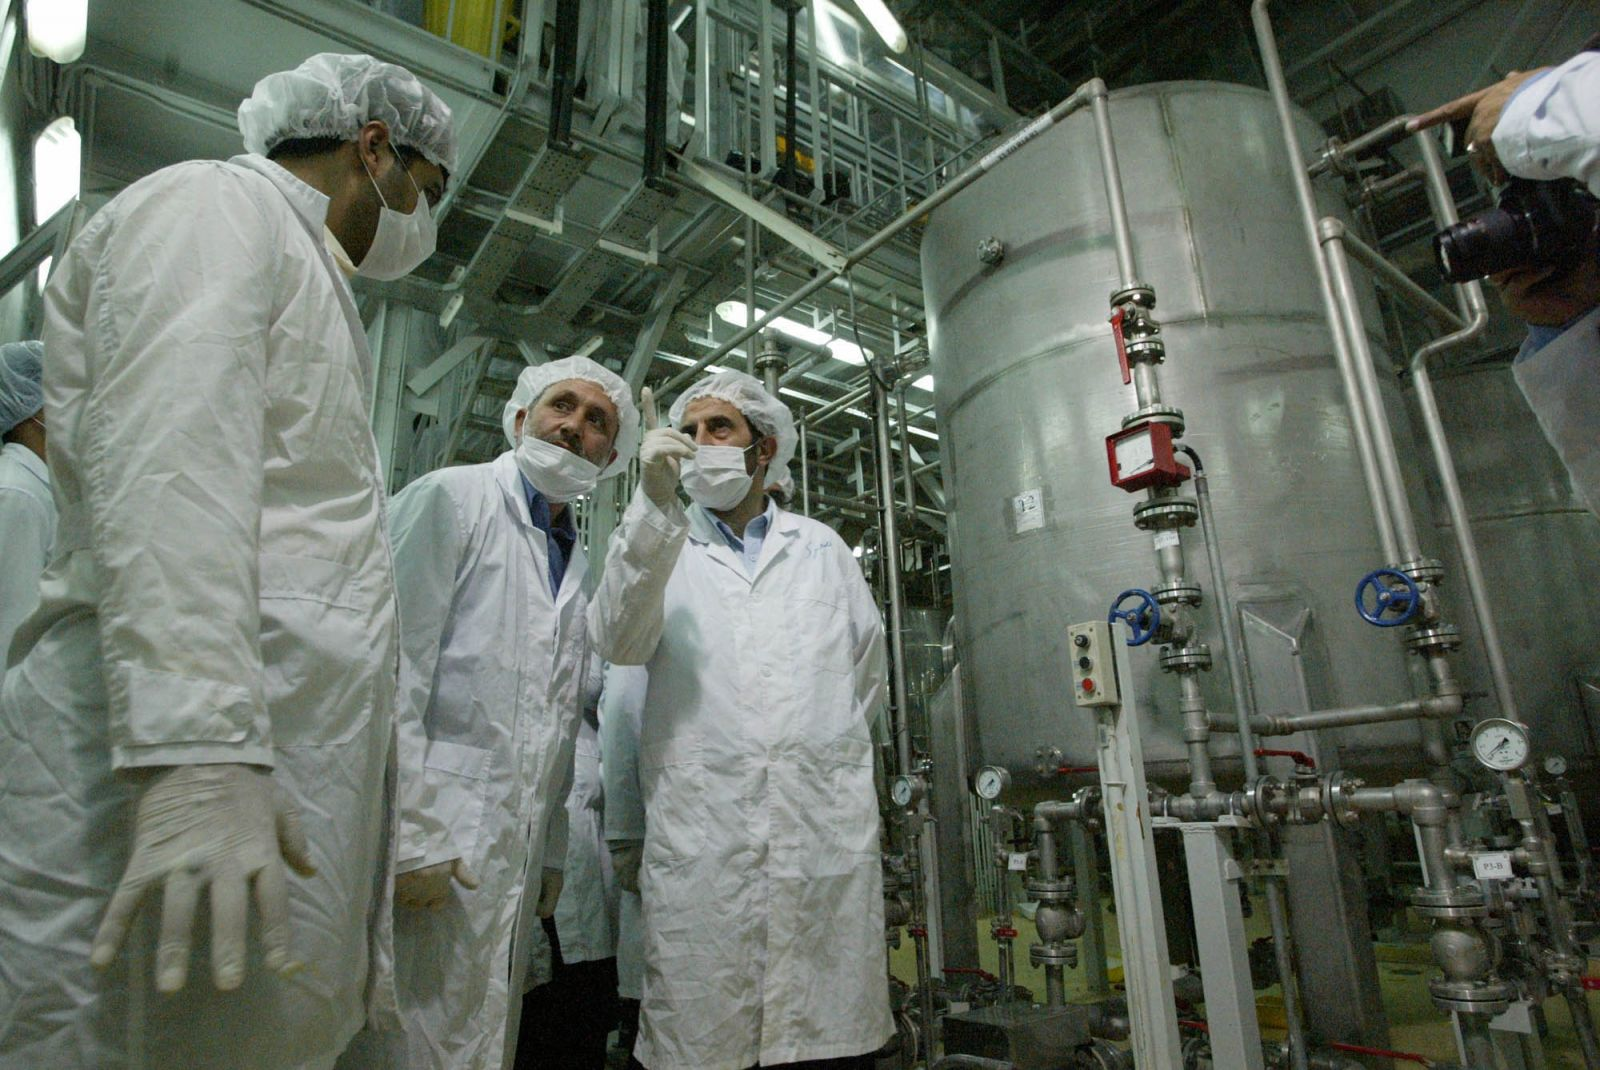 منظمة الطاقة النووية الايرانية : لدينا الامكانية اللازمة لتصنيع مفاعل نووي وزيادة تخصيب اليورانيوم